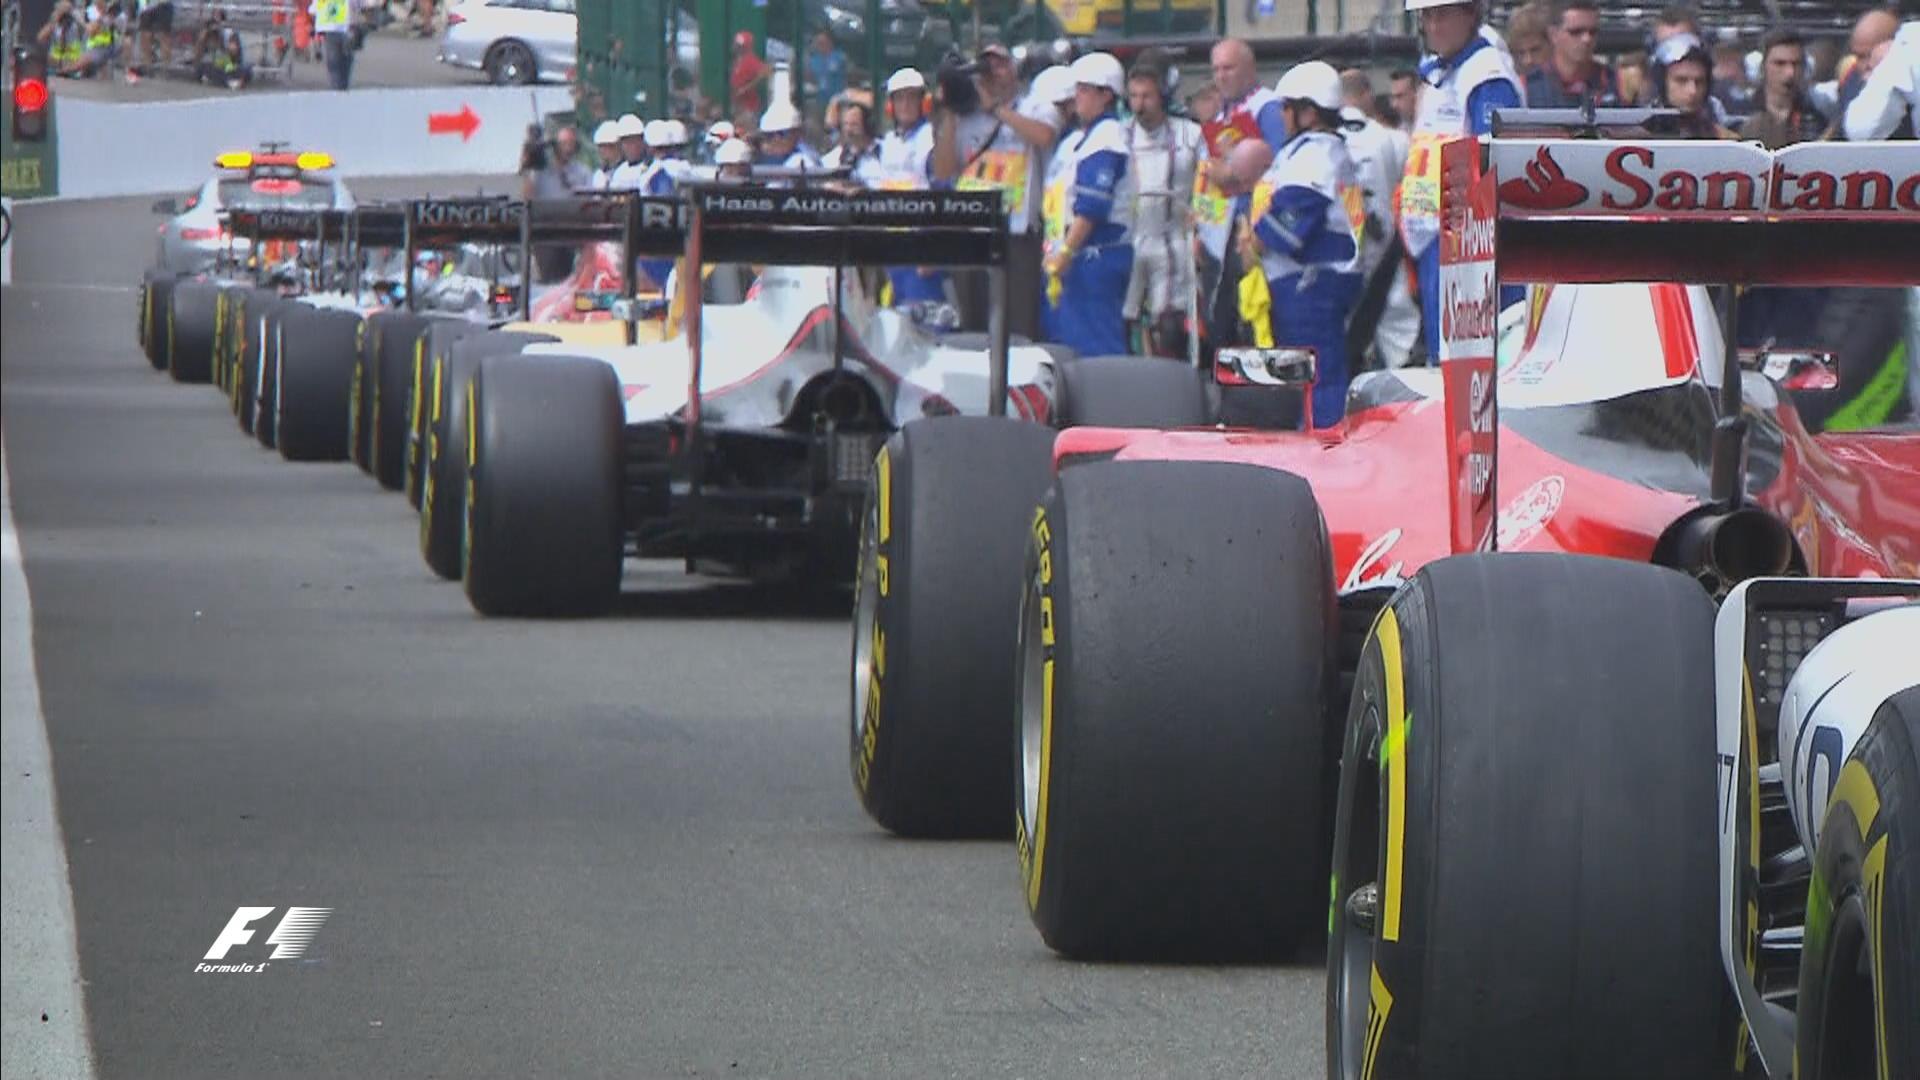 Las mejores imágenes del Gran Premio de Fórmula 1 Spa 2016